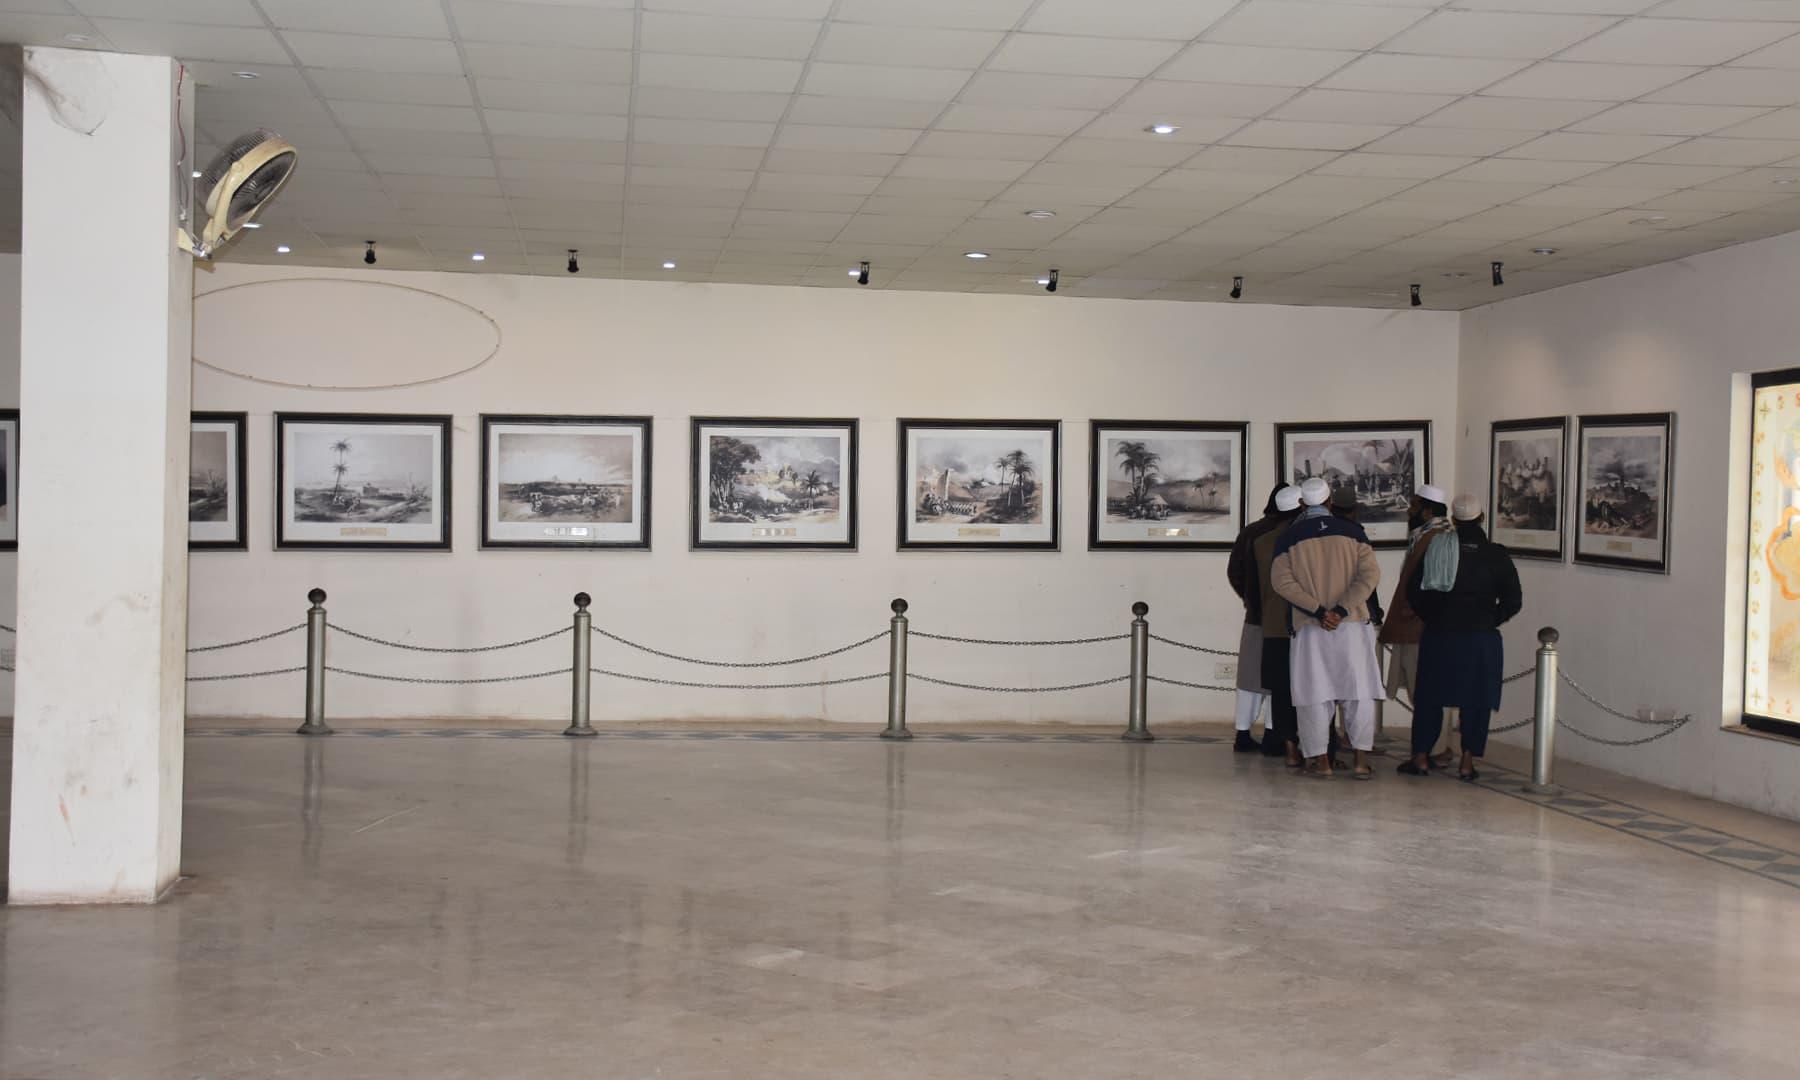 زمزمہ کا ایک منظر